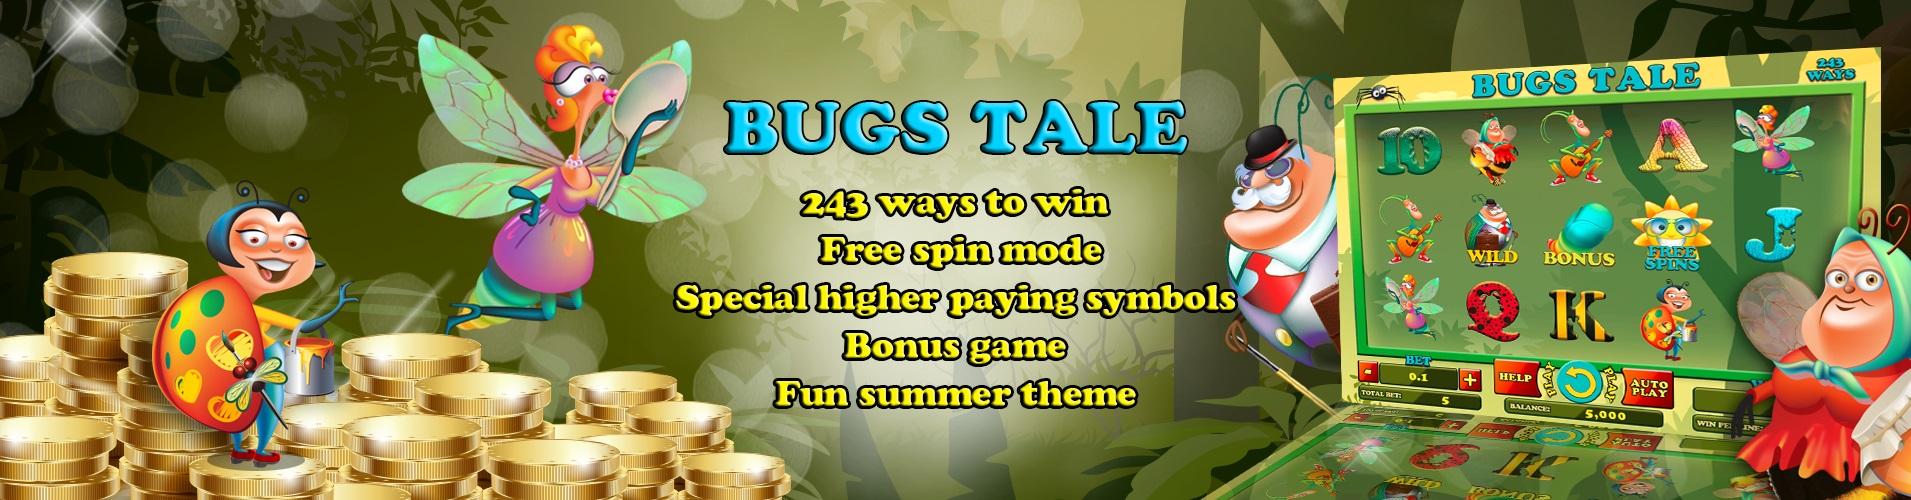 Bugs Tale